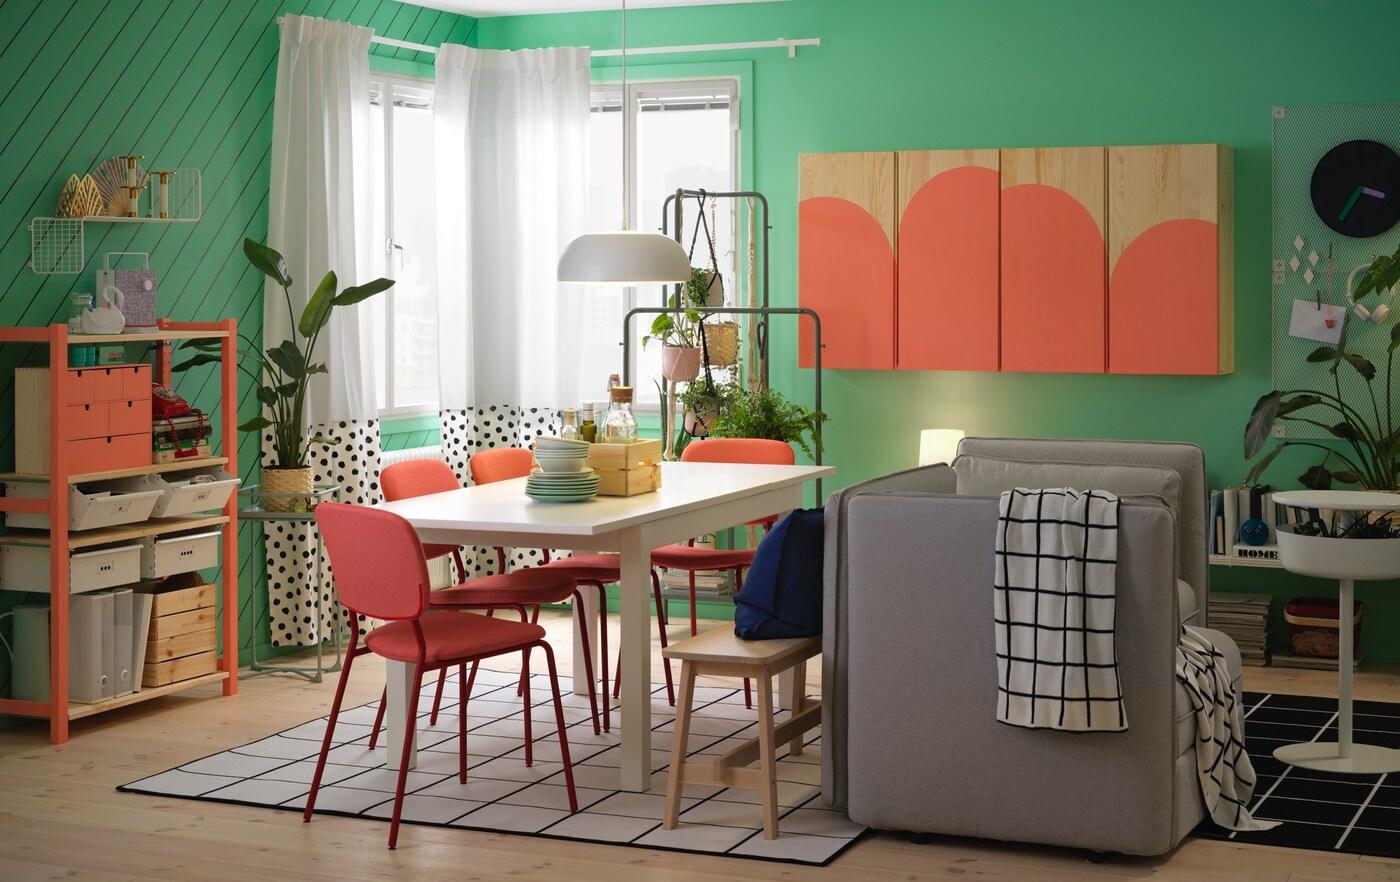 Spiseplass med hvitt bord, røde stoler og grå sofa samt skap og hylleseksjon malt i korallfarge.